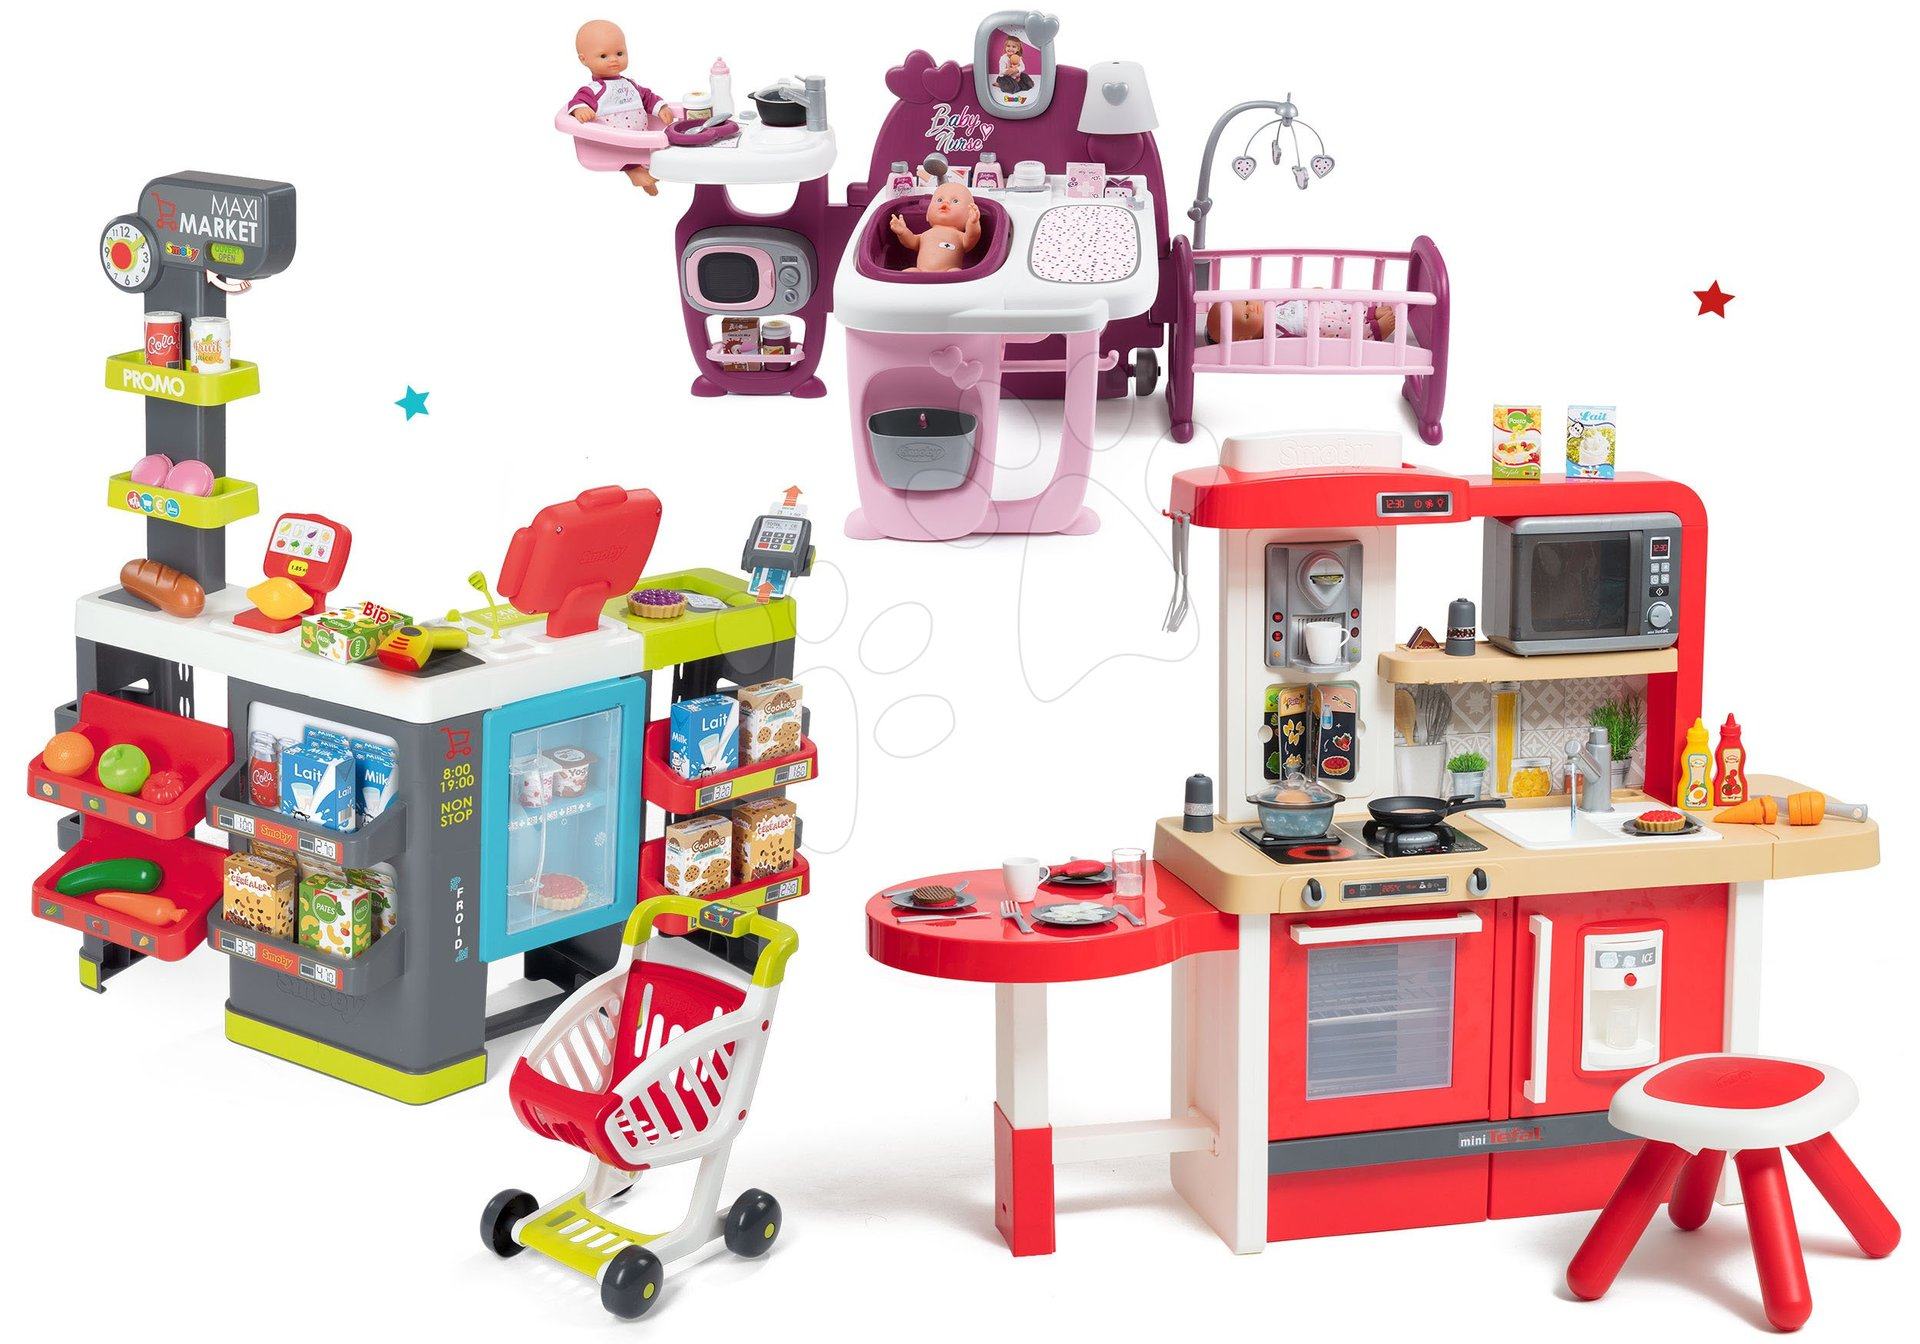 Set kuchynka rastúca s tečúcou vodou a mikrovlnkou Tefal Evolutive Smoby a domček pre bábiku Violette Baby Nurse a obchod Maxi Market s elektronickými funkciami